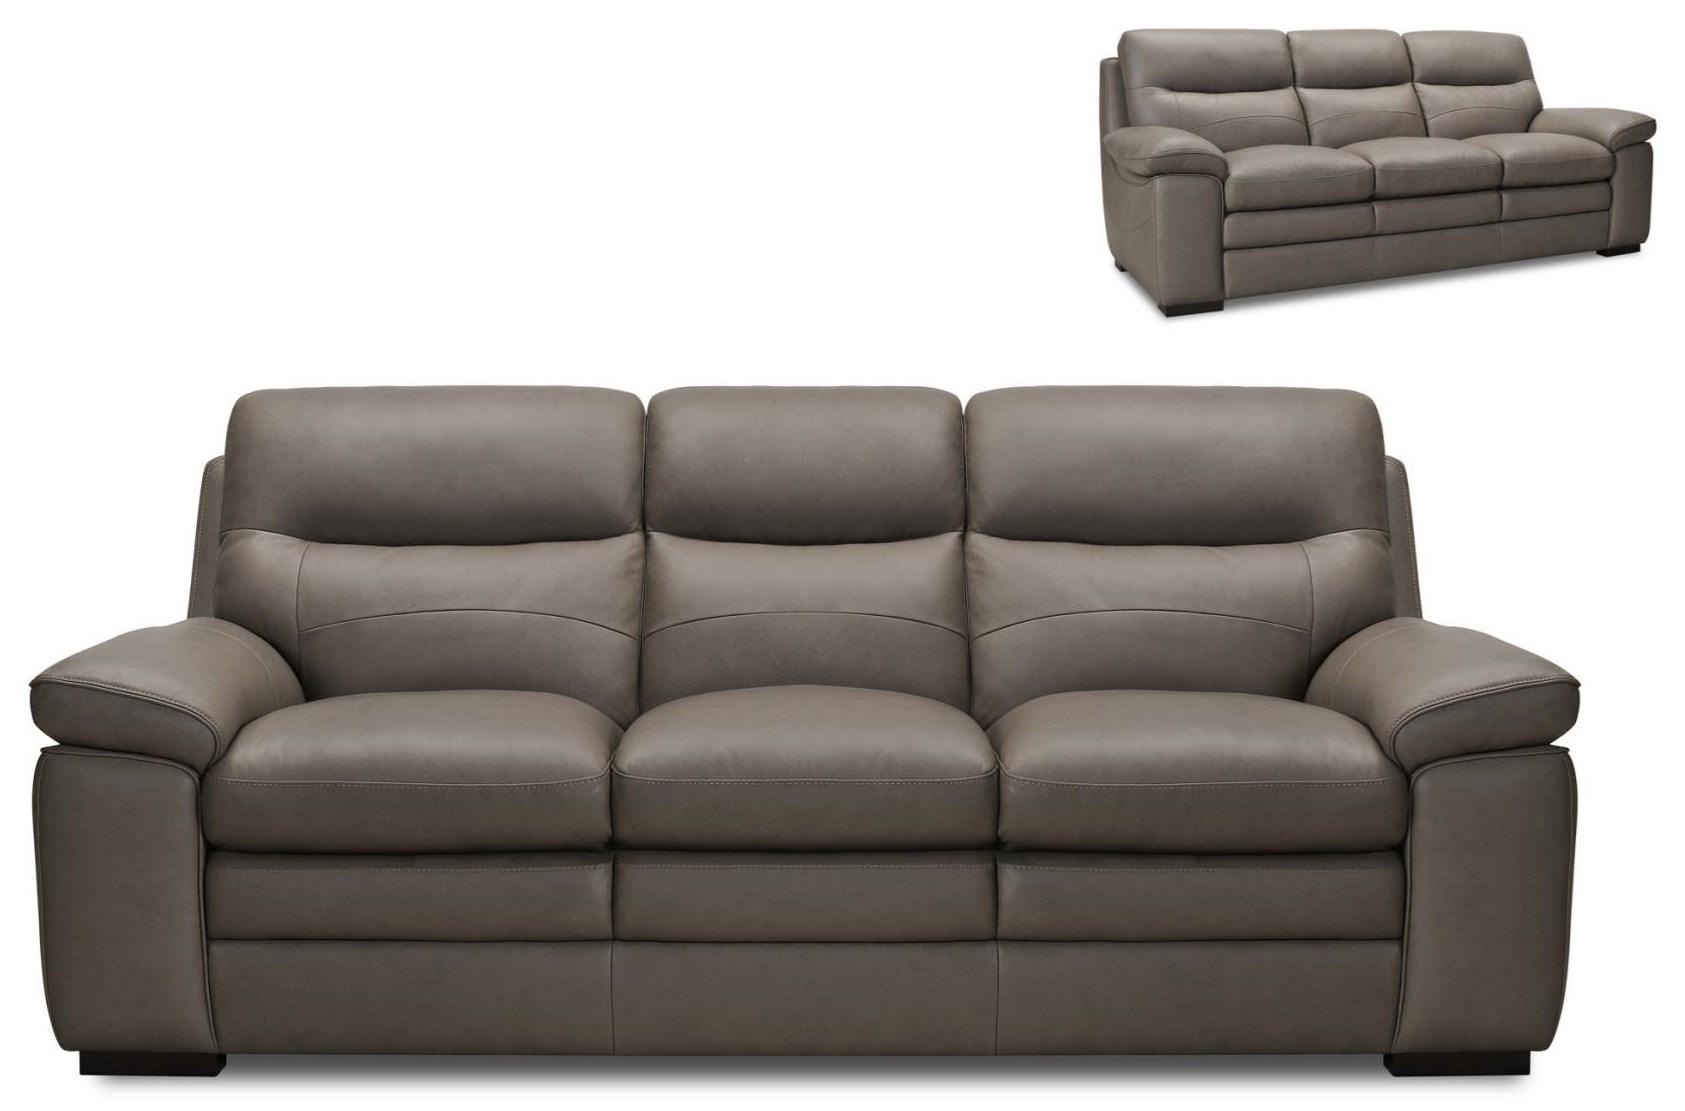 32423 Sofa by Violino at Becker Furniture